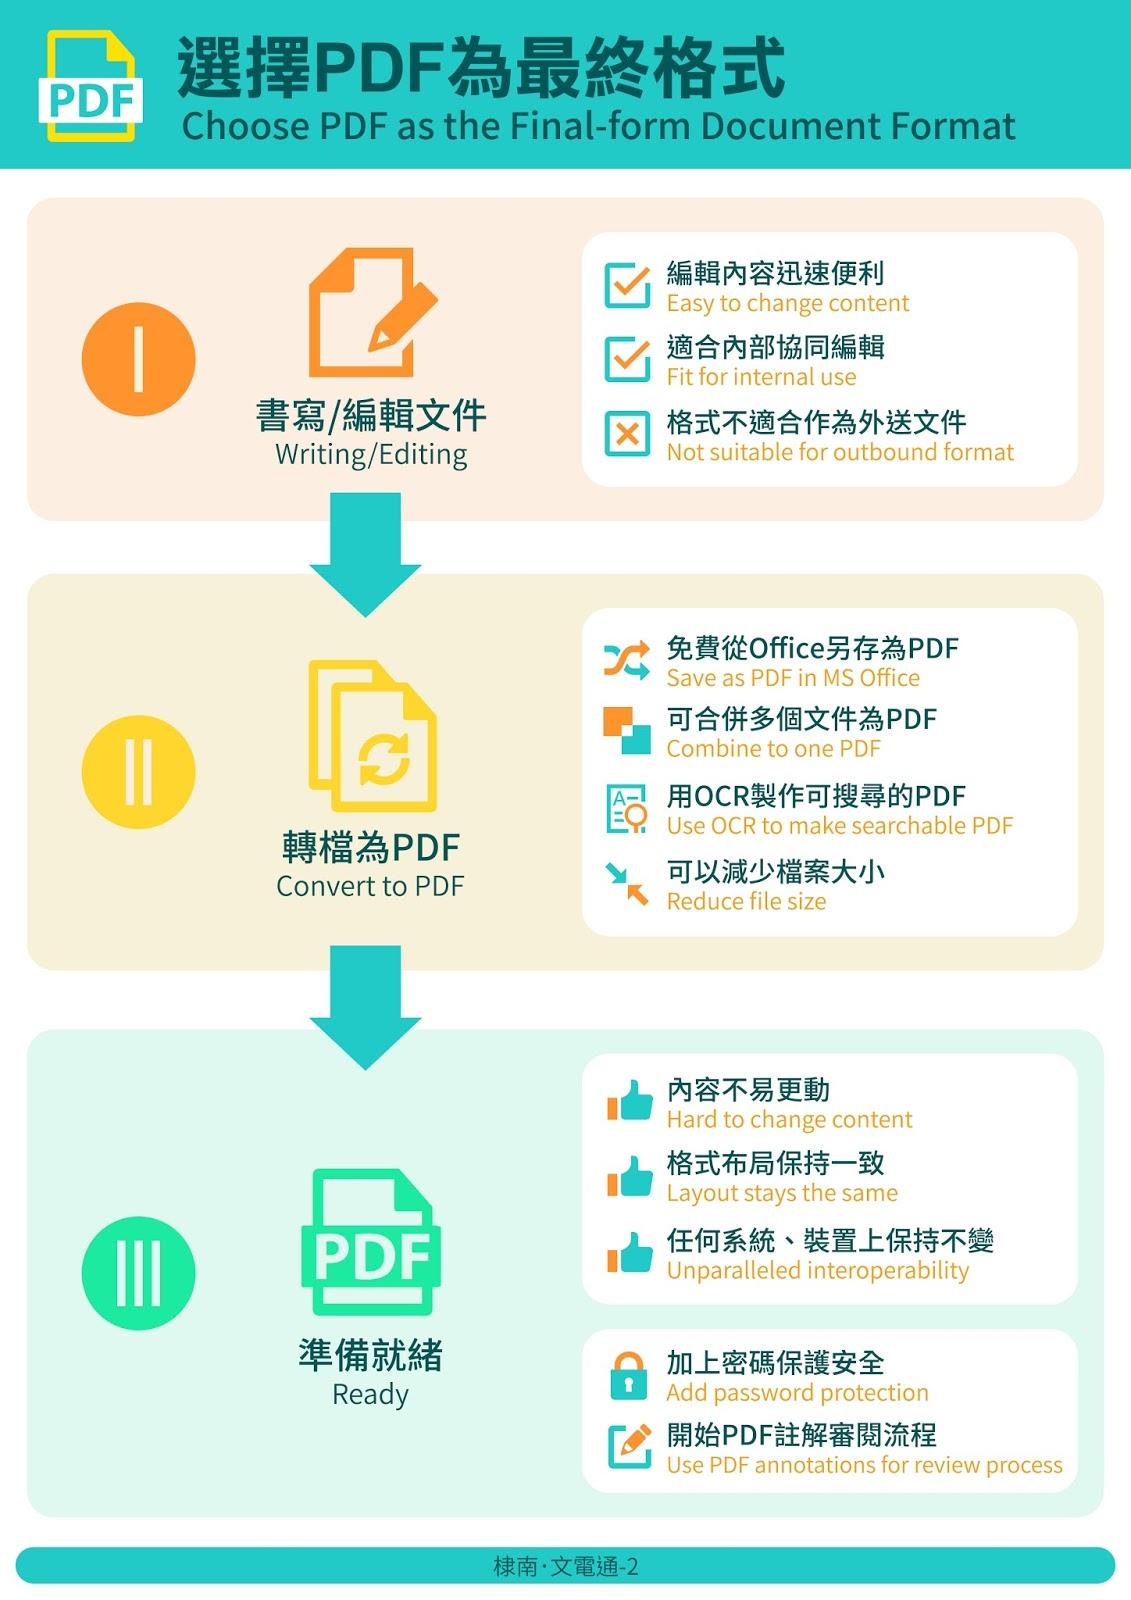 選擇PDF為最終格式